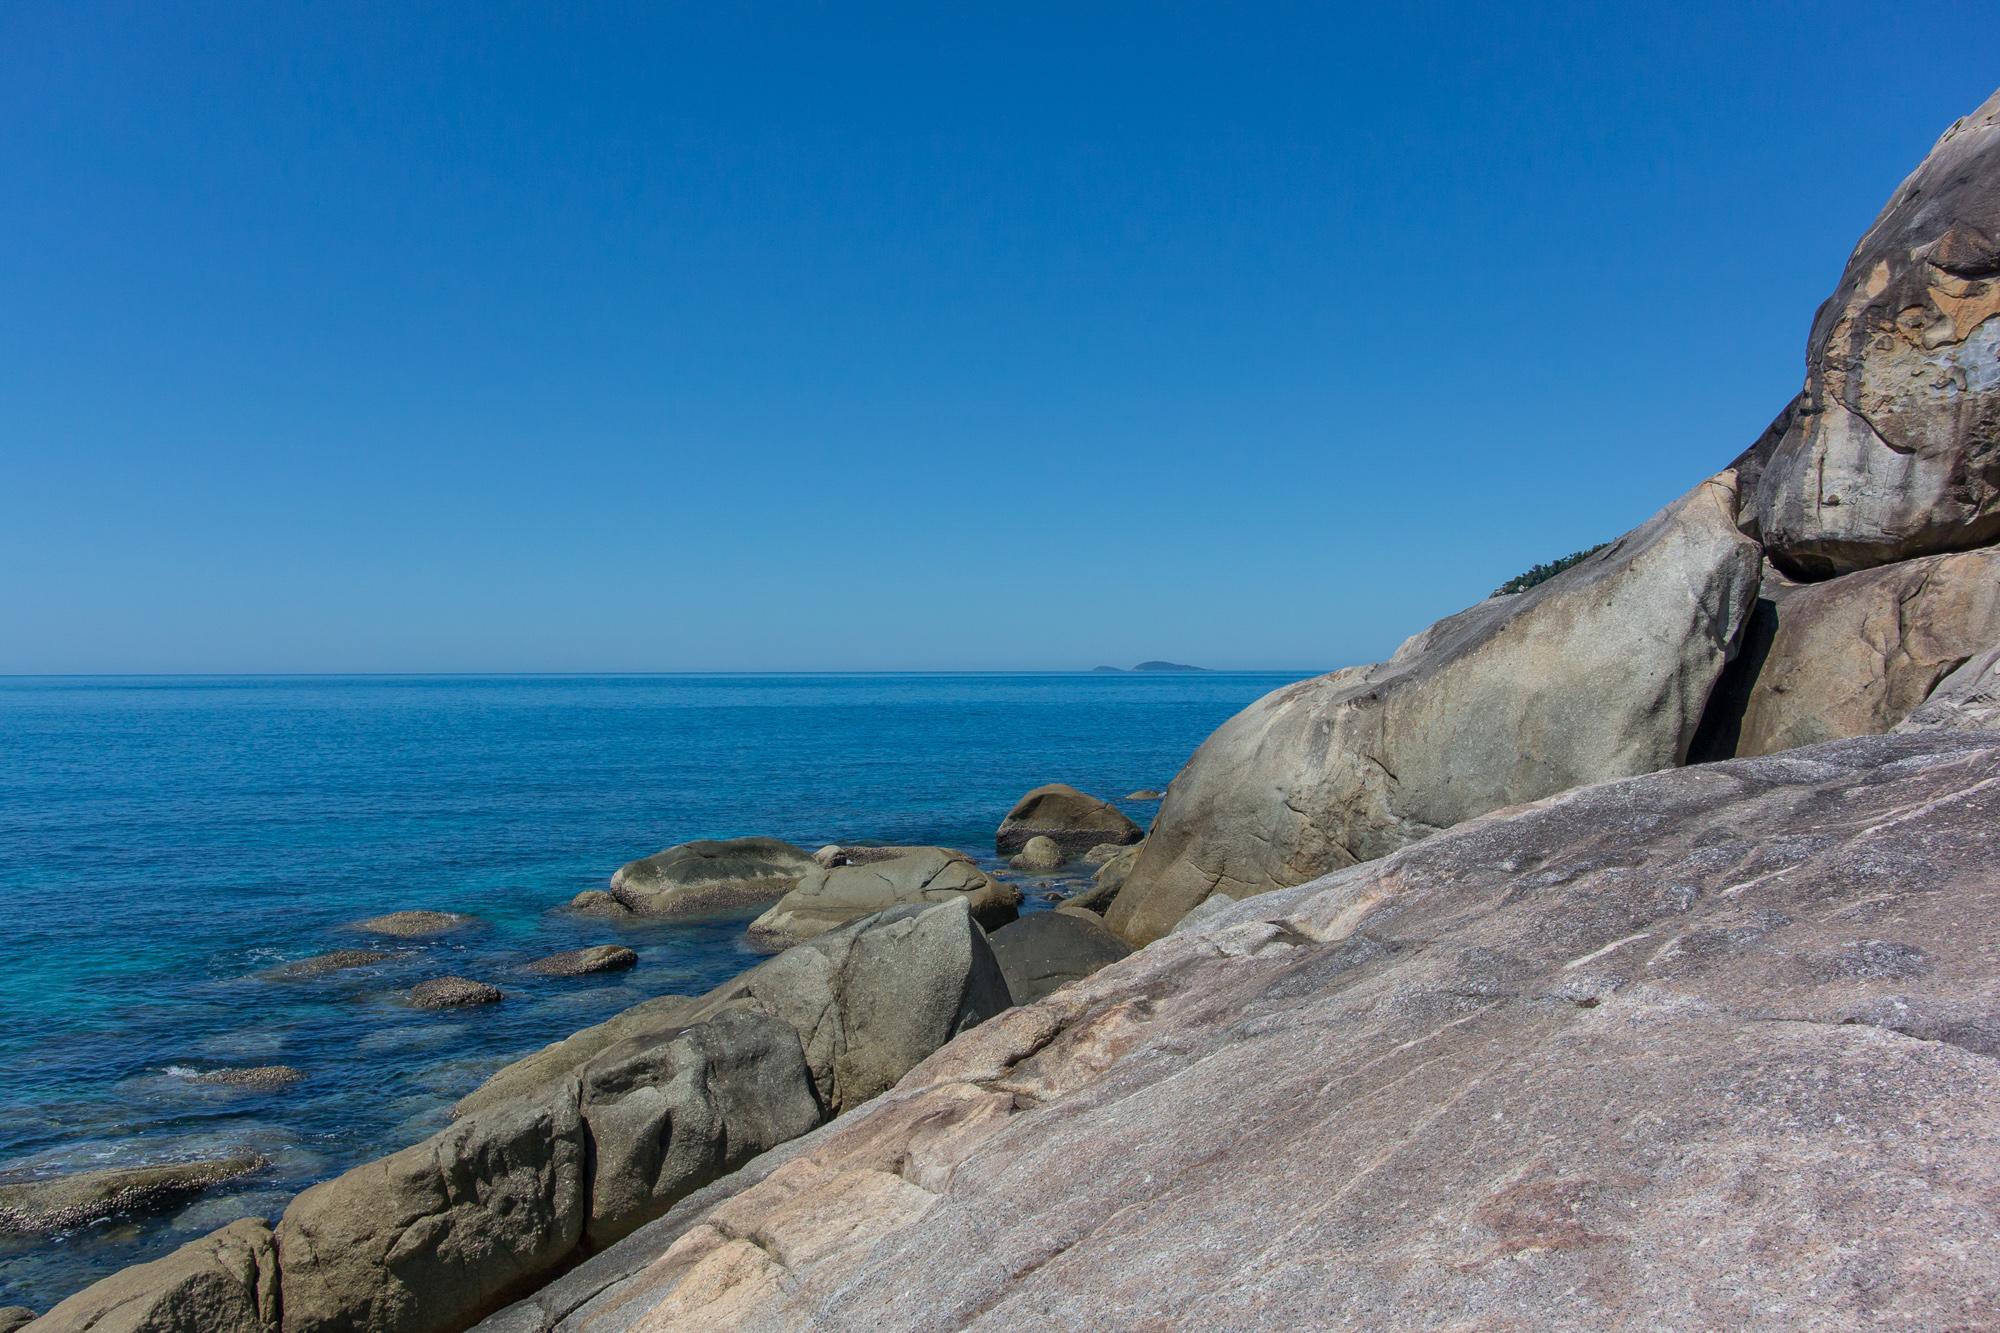 bowden-island-mission-beach-79